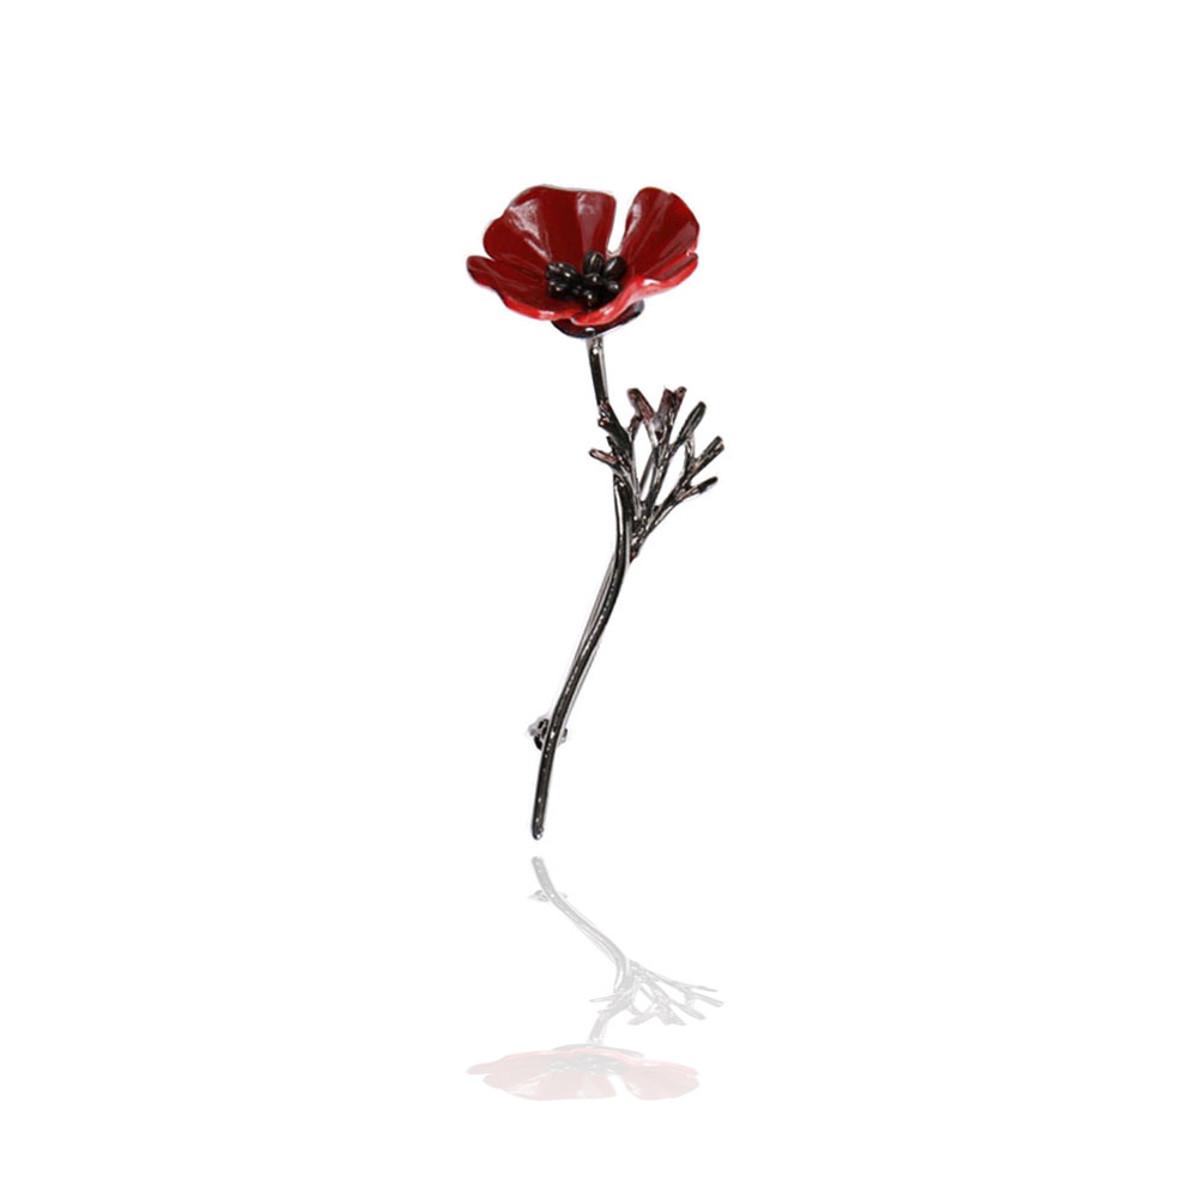 Gunmetal Red Enameled Poppy Flower Pin